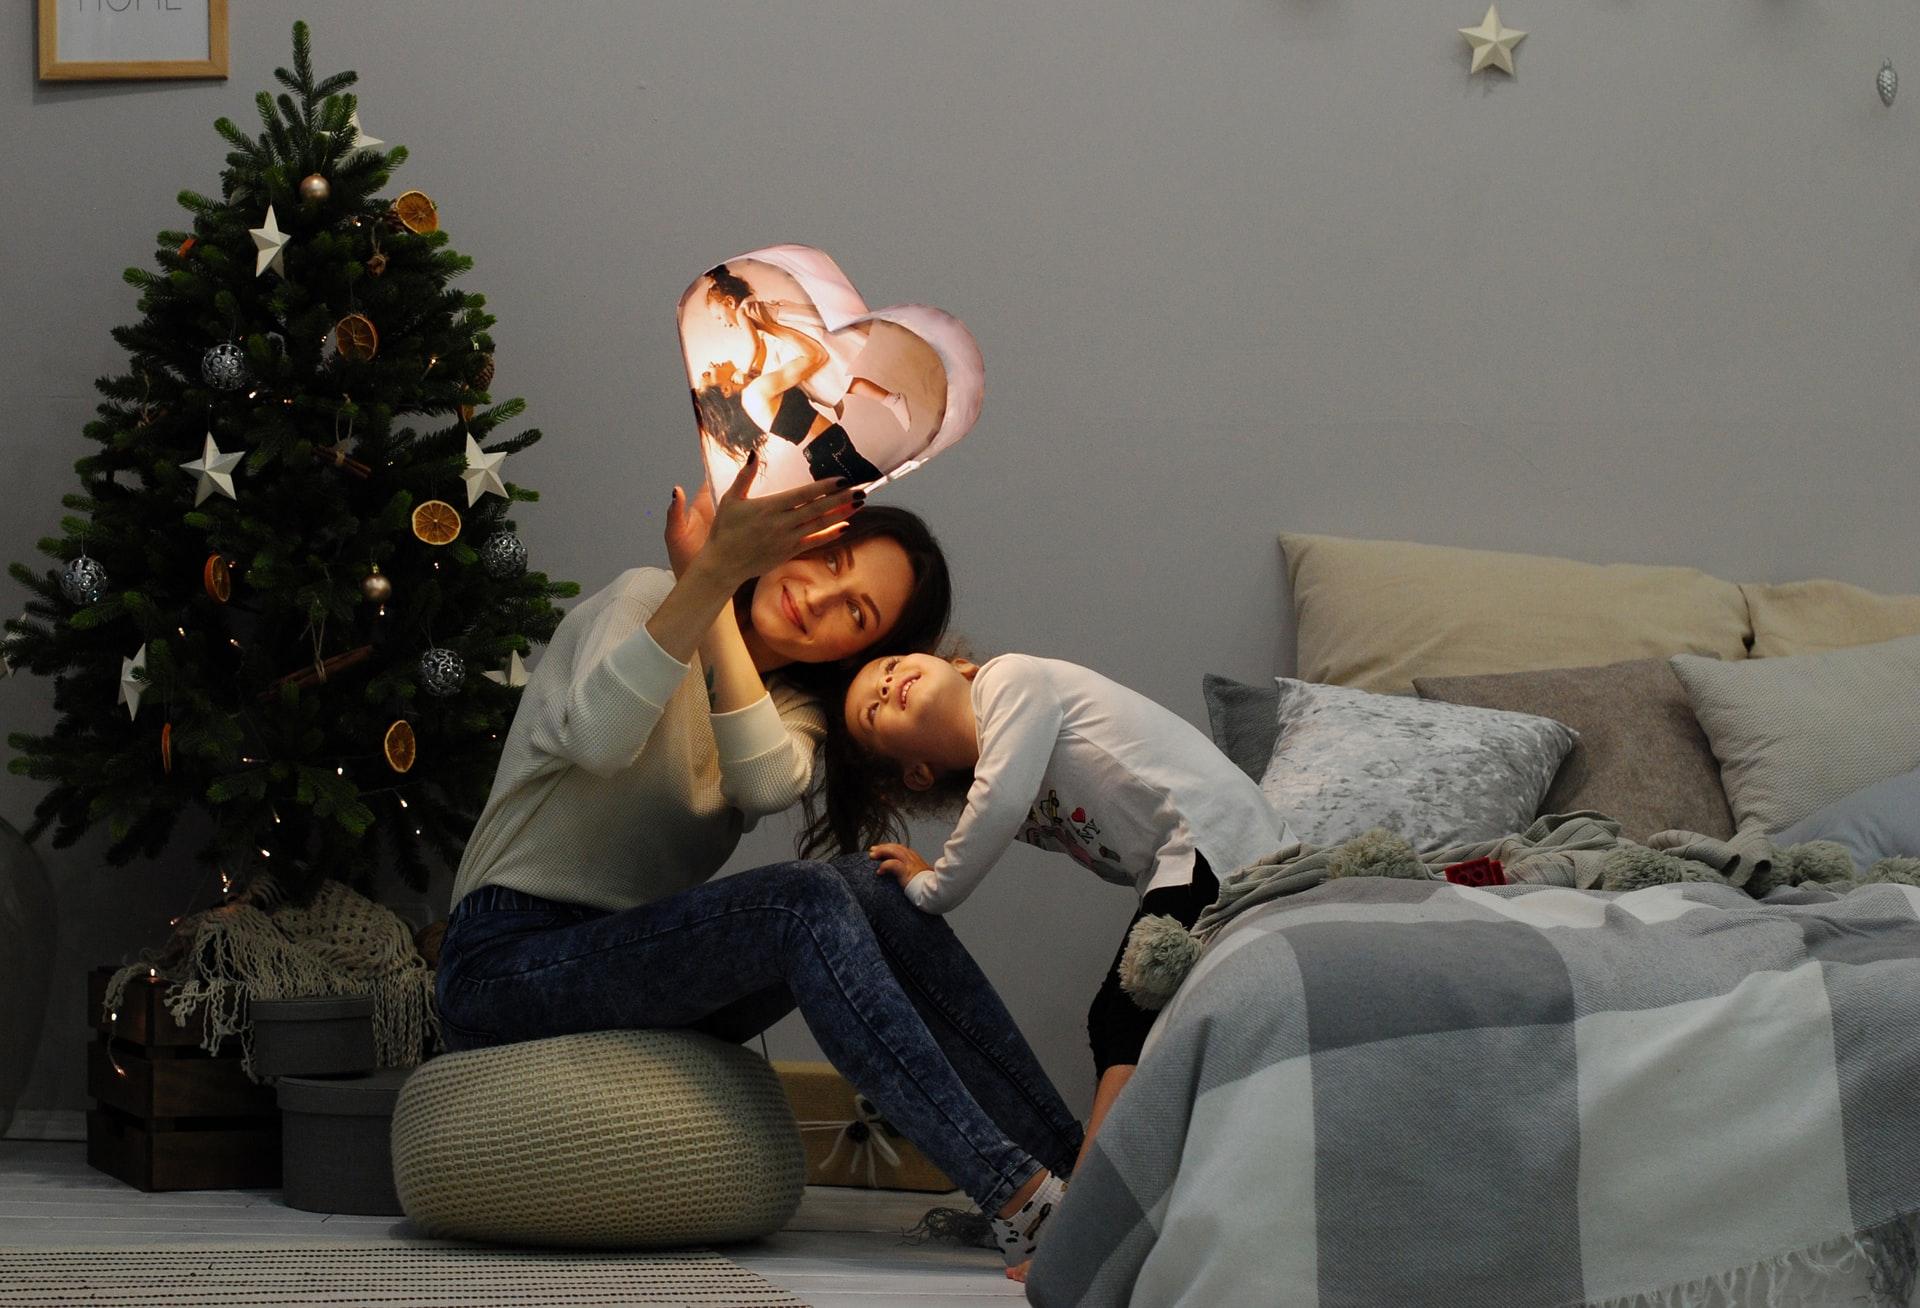 Jaký nejhodnotnější dárek mohou dát rodiče svým dětem?